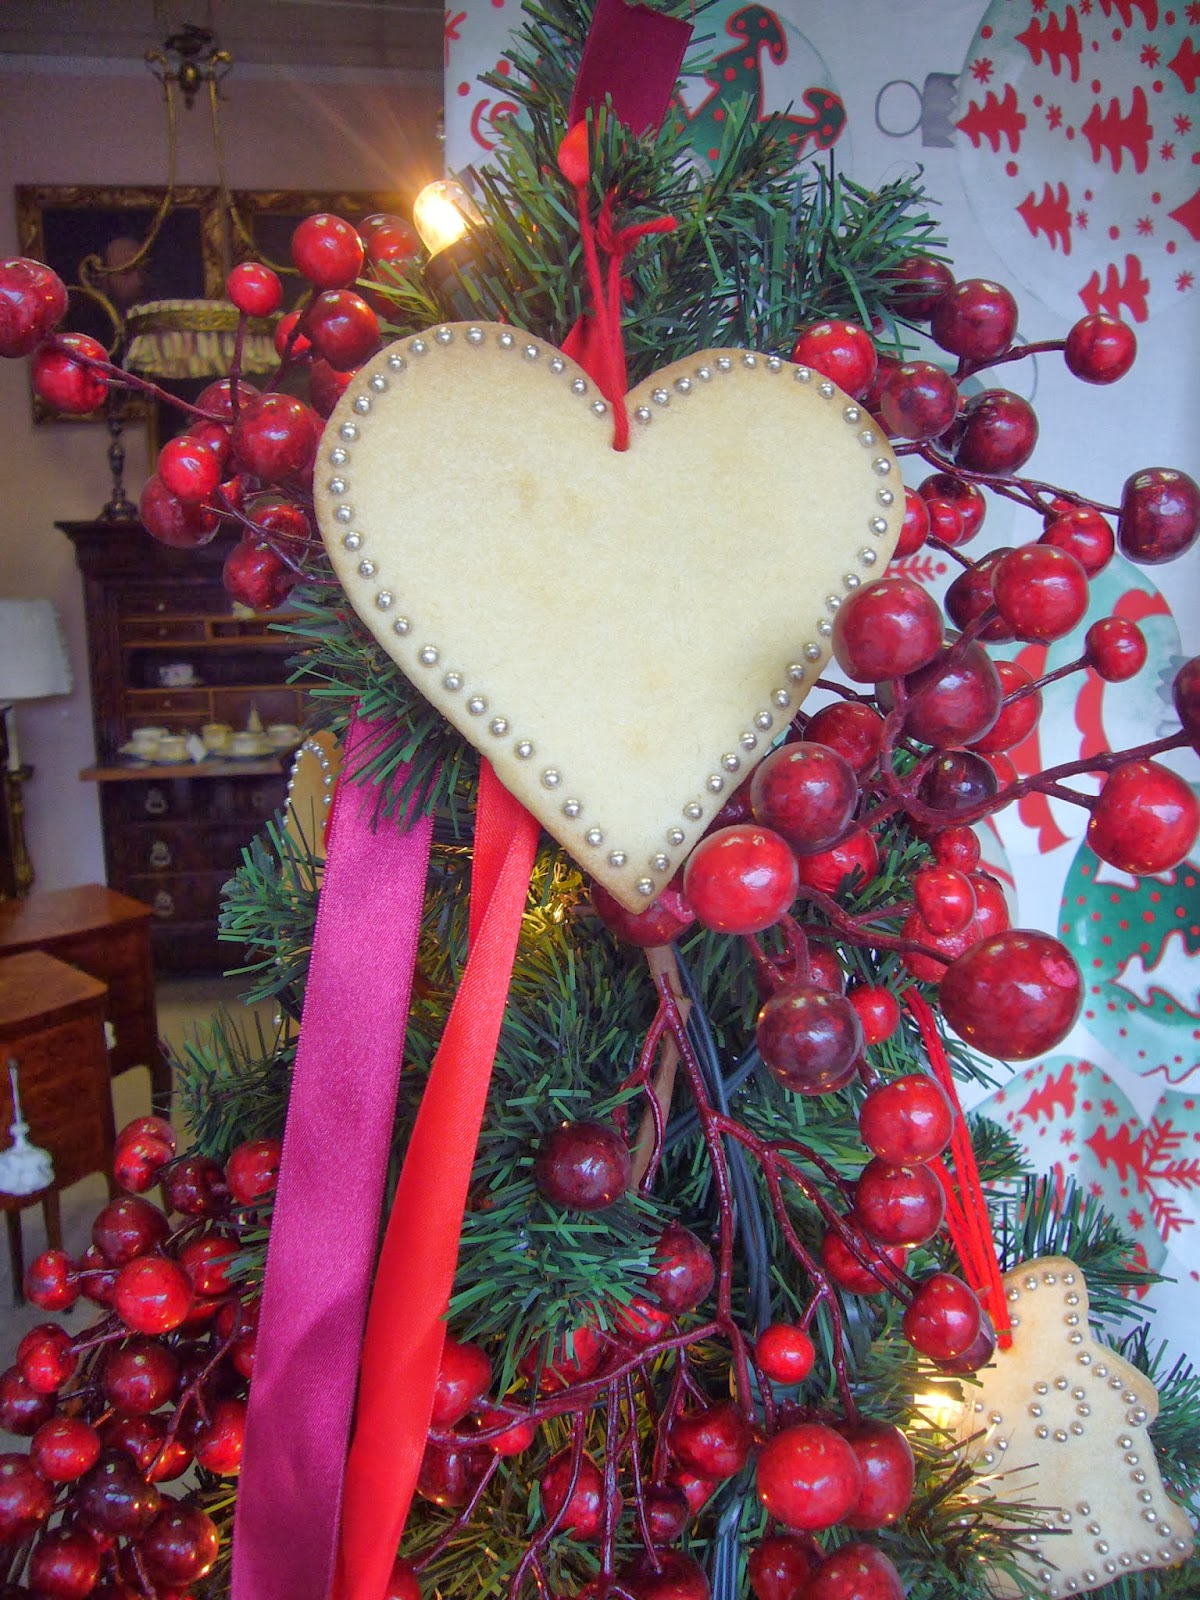 I biscotti di natale un 39 idea per decorare l 39 albero con gusto e semplicit antichit bellini - Decorare un arco per natale ...